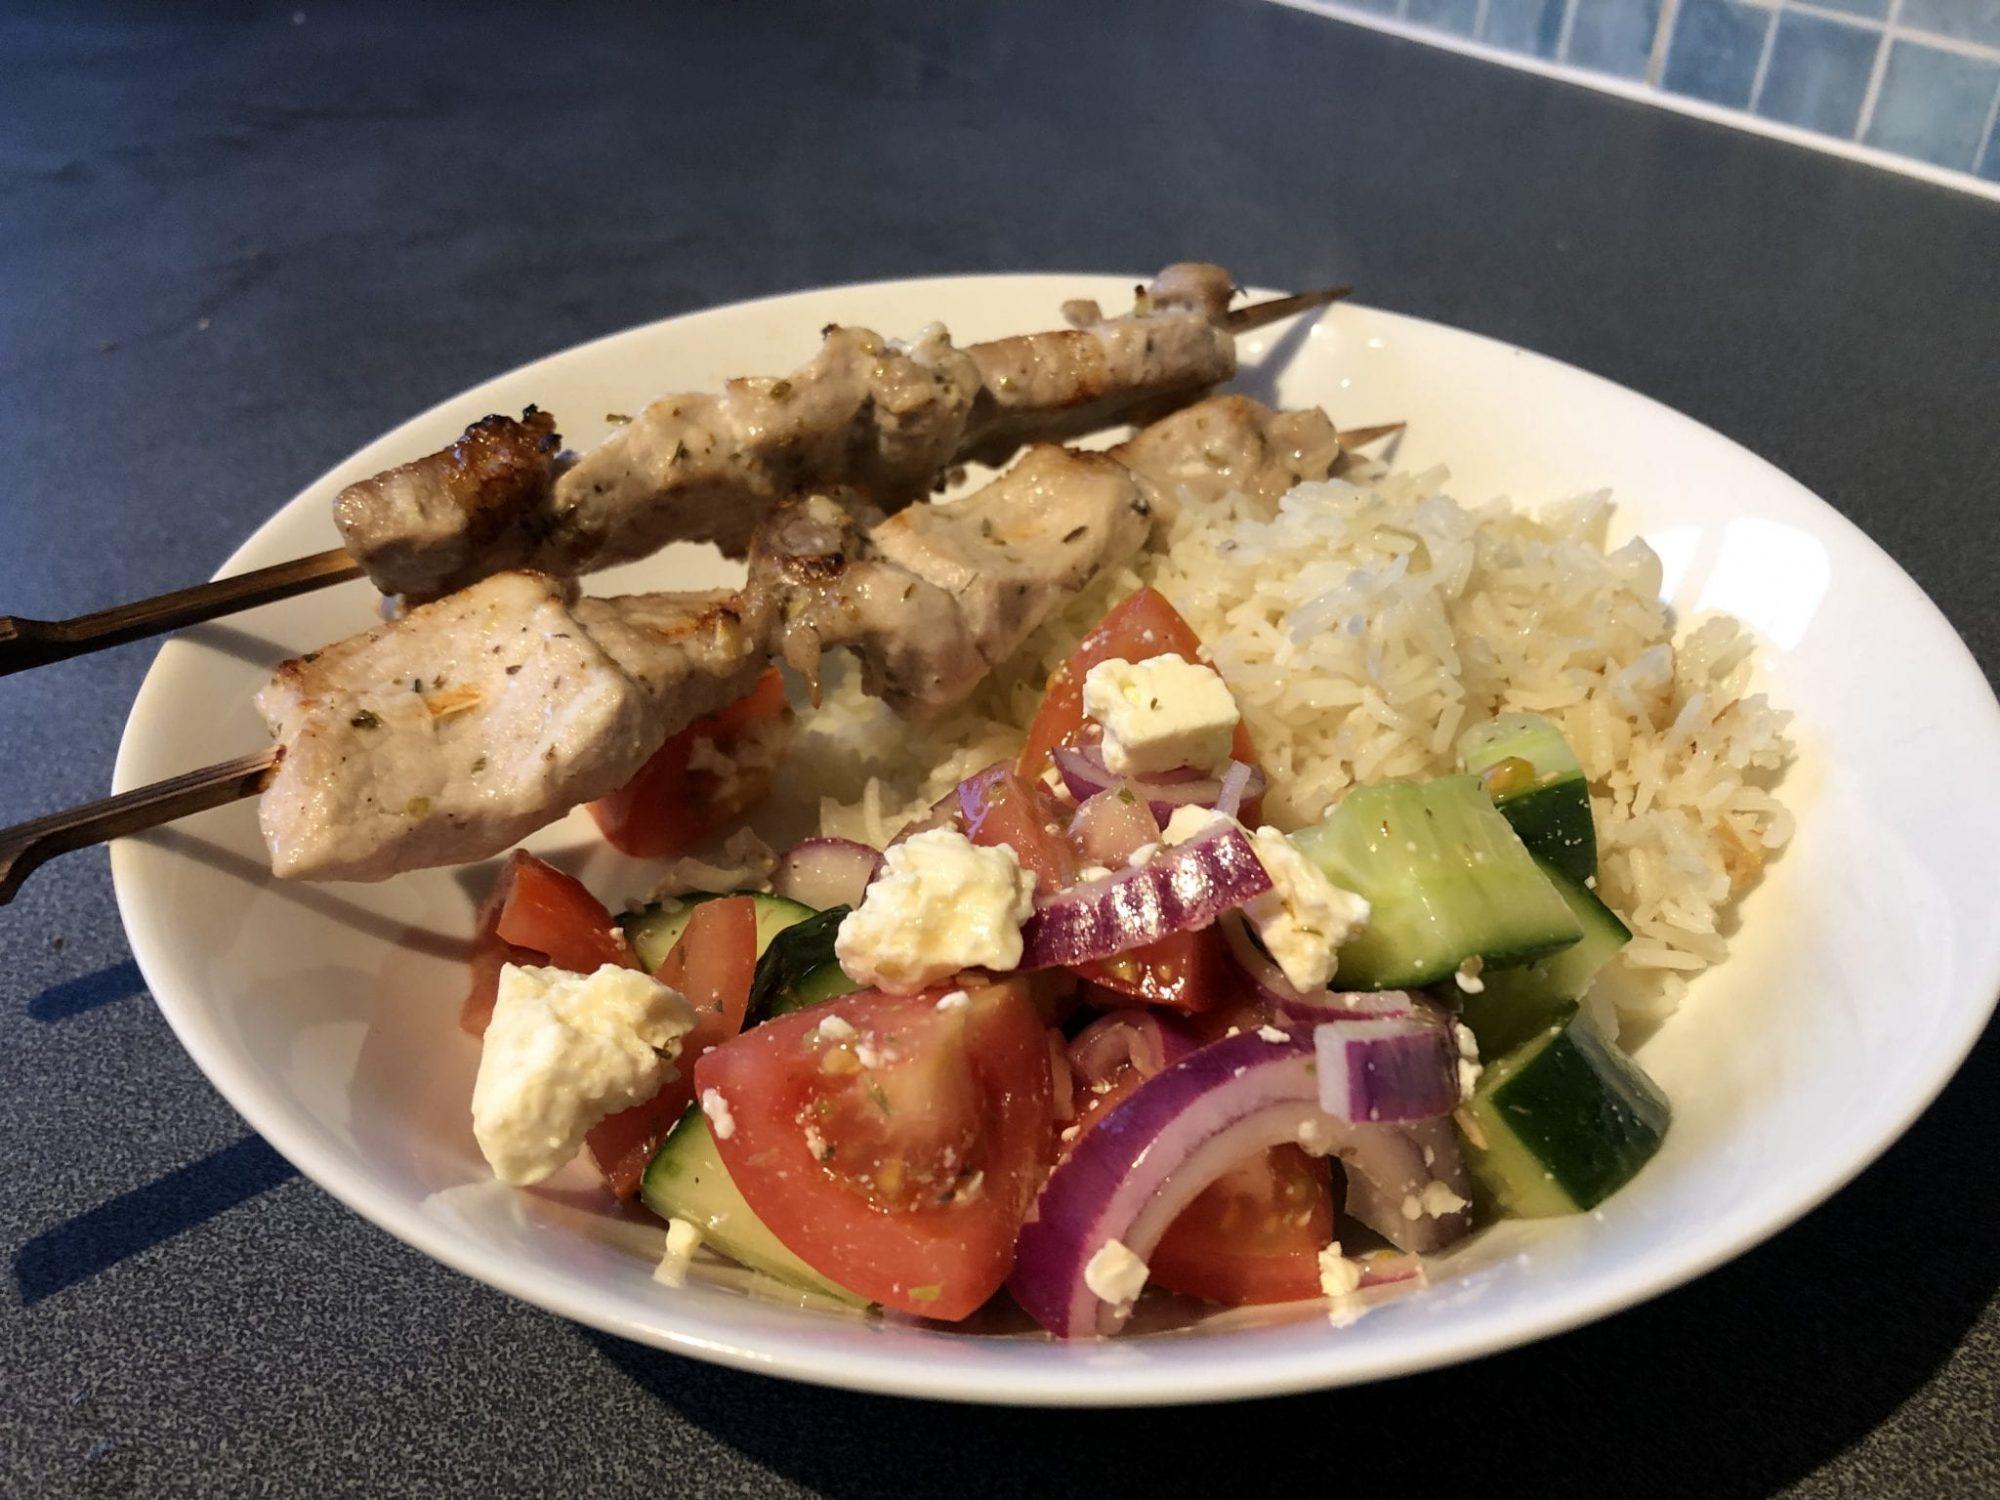 Pork souvlaki with greek salad and rice